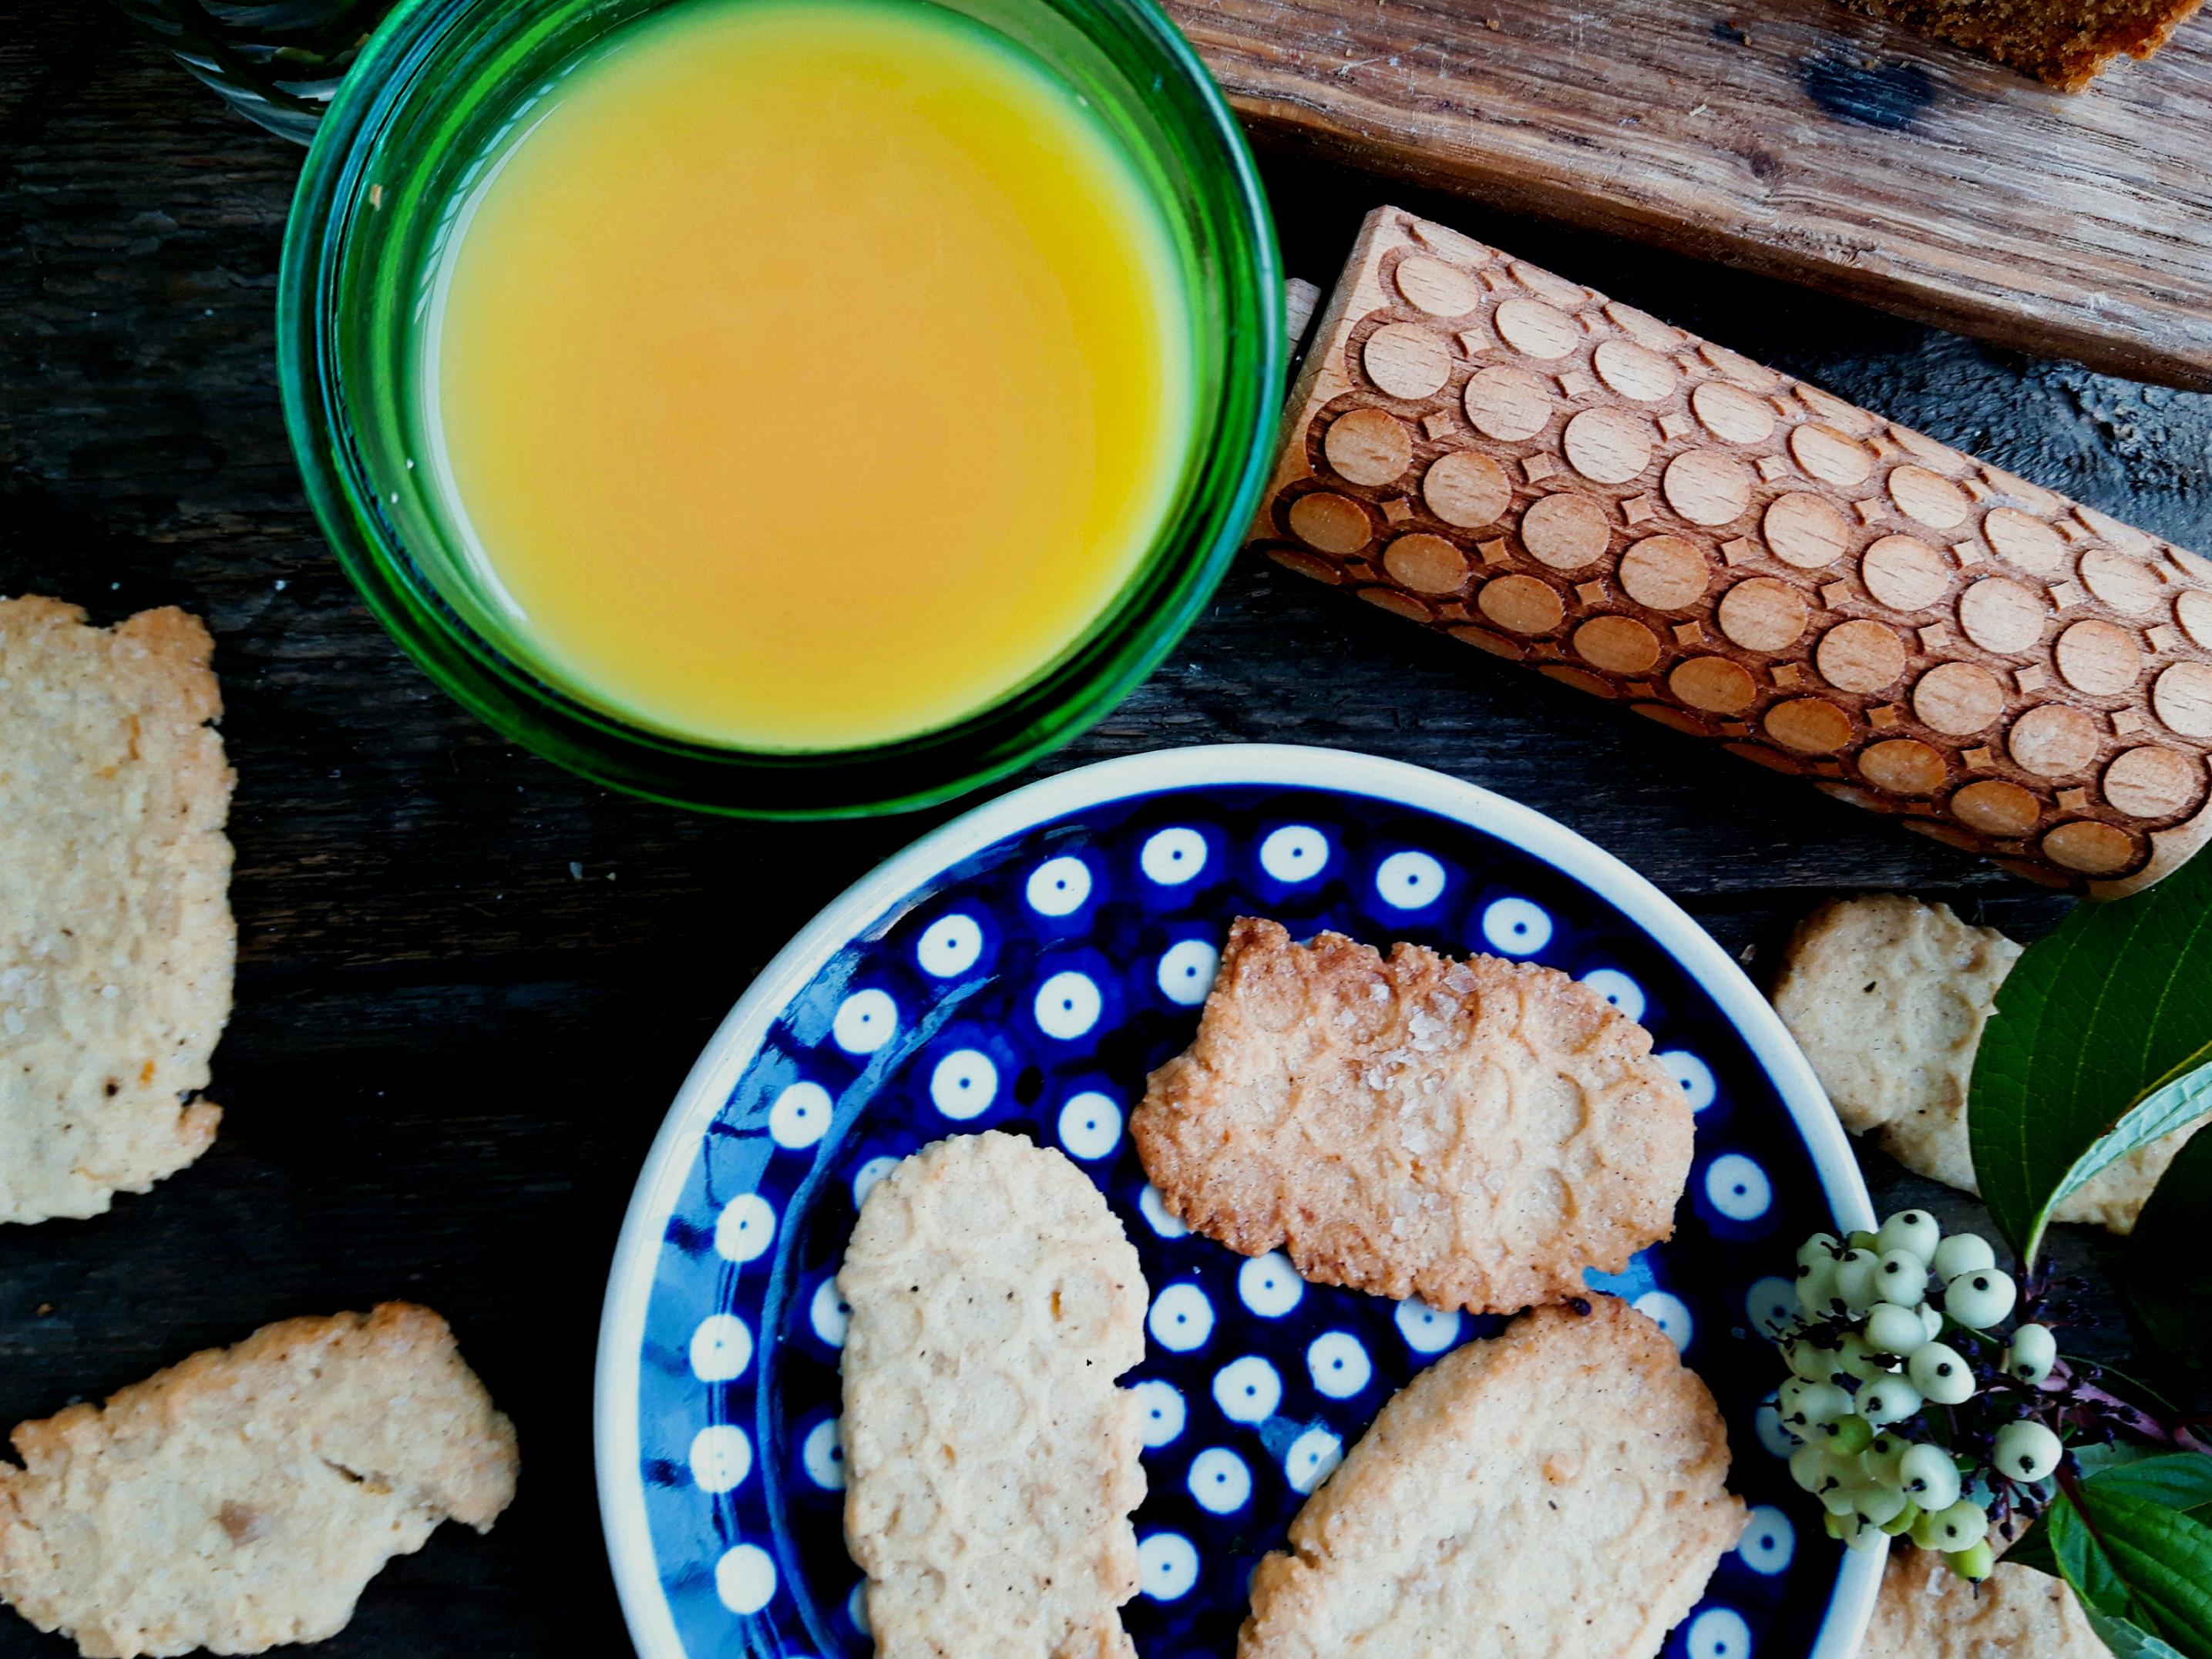 Ciasteczka comfort food słodko-słone z wędzoną solą